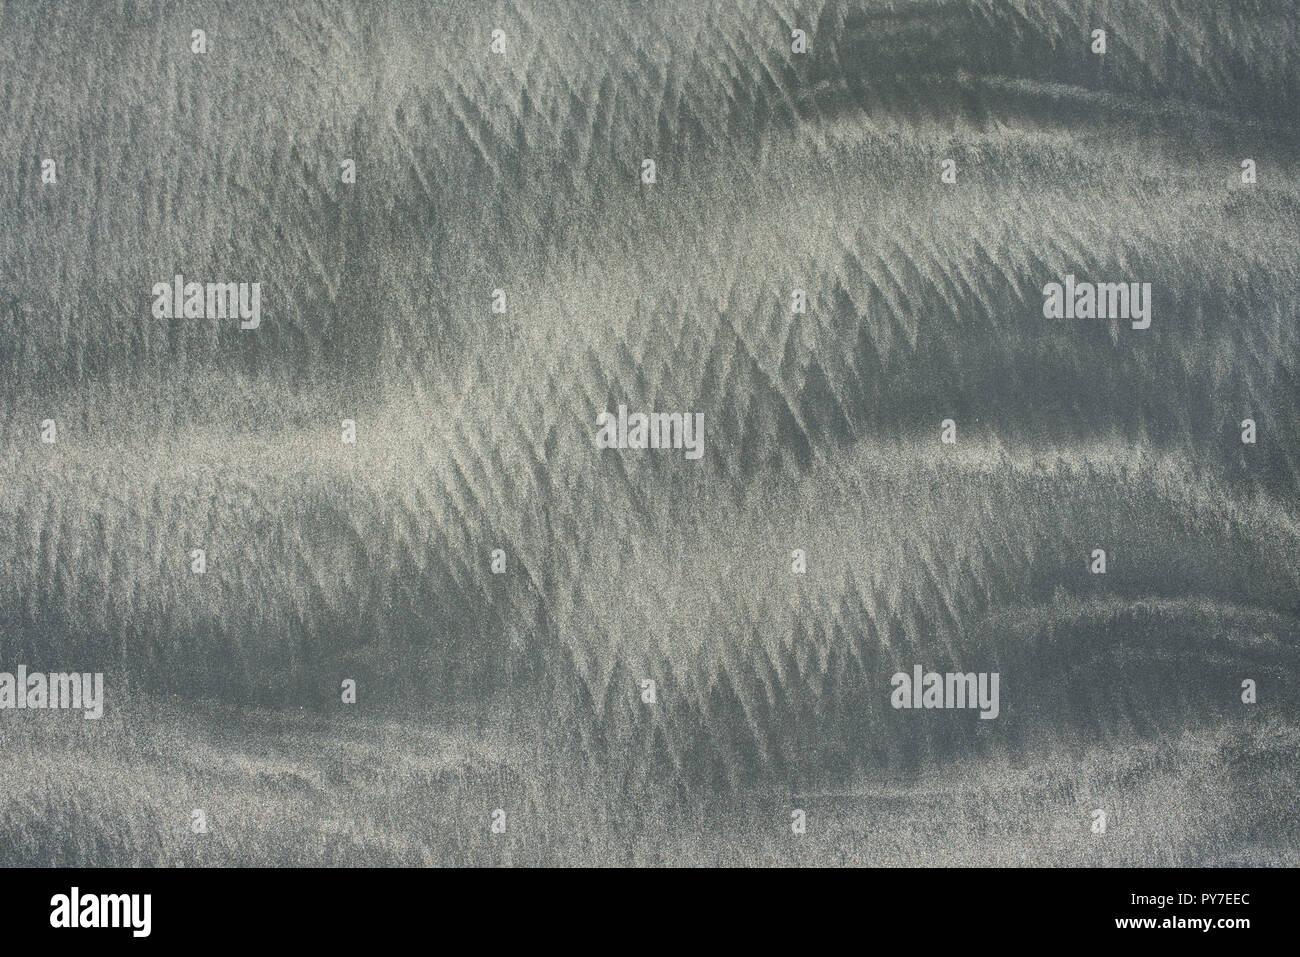 Waves washed sand textures. Natural patterns, abstract backdrop. Santa Catalina, Panama. RF - Oct 2018 - Stock Image